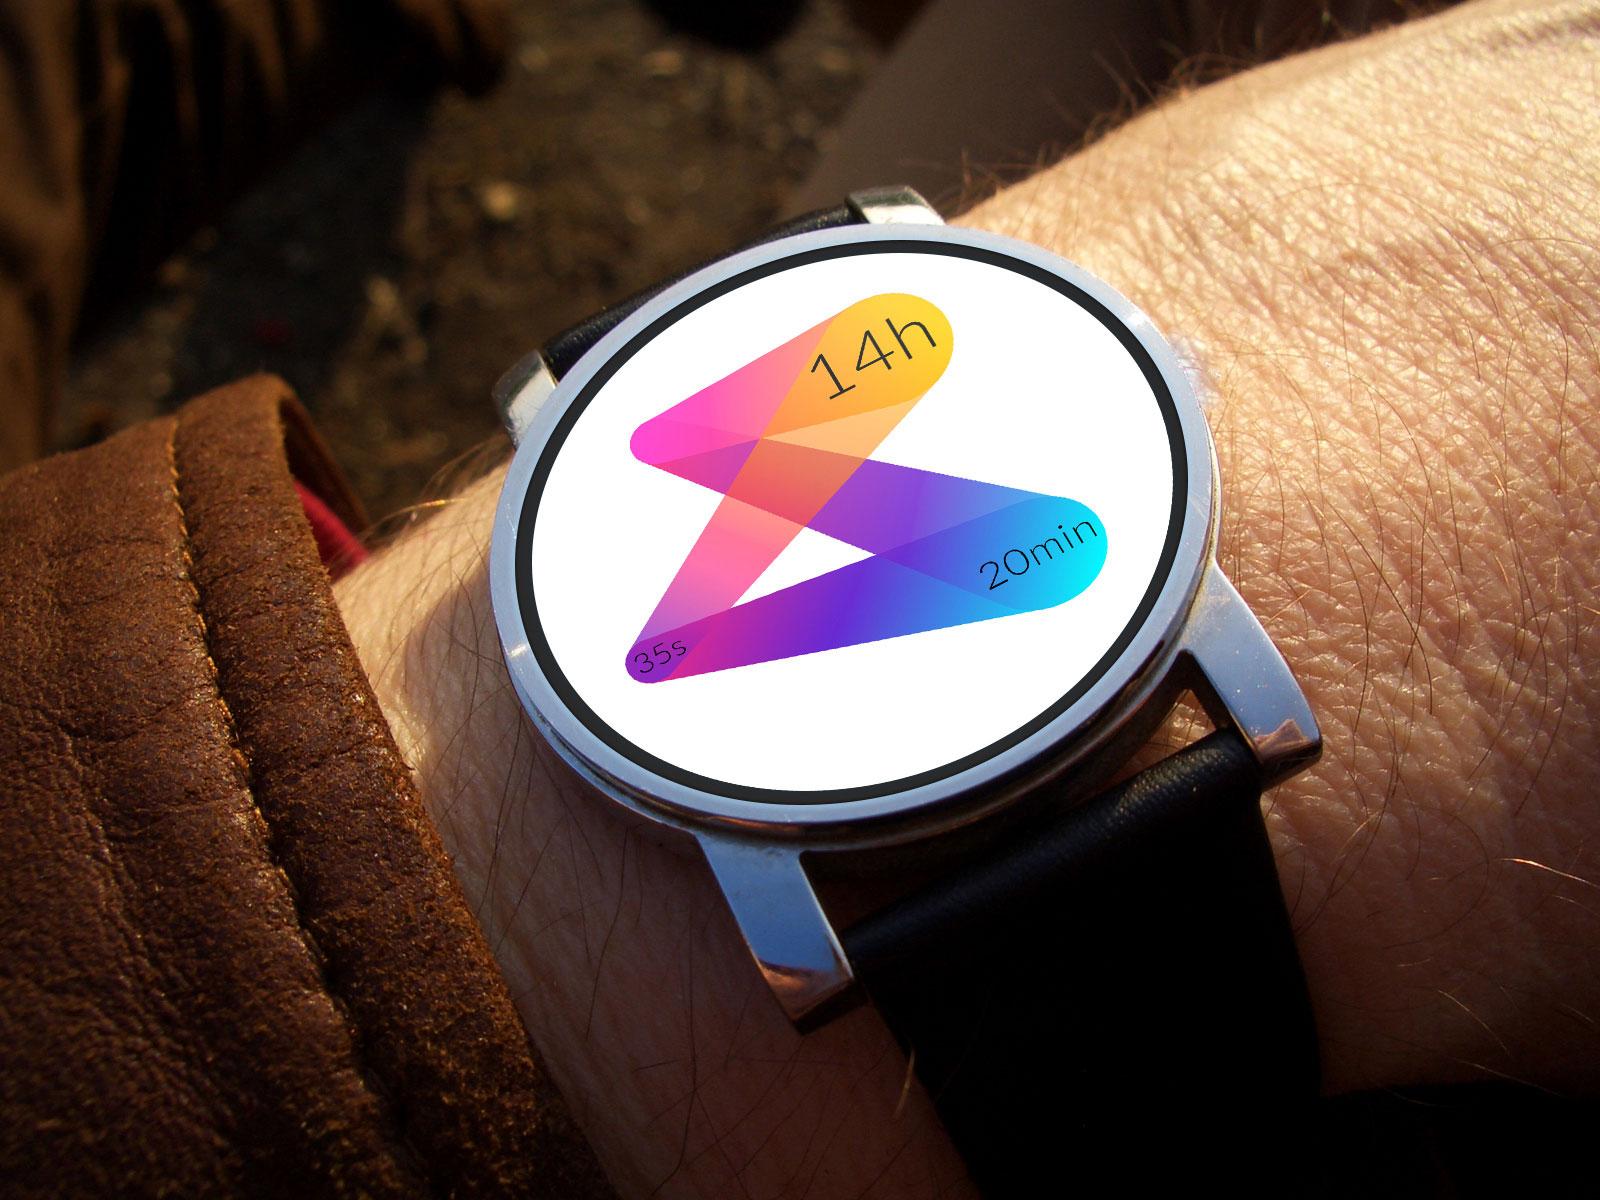 Smart watch skin